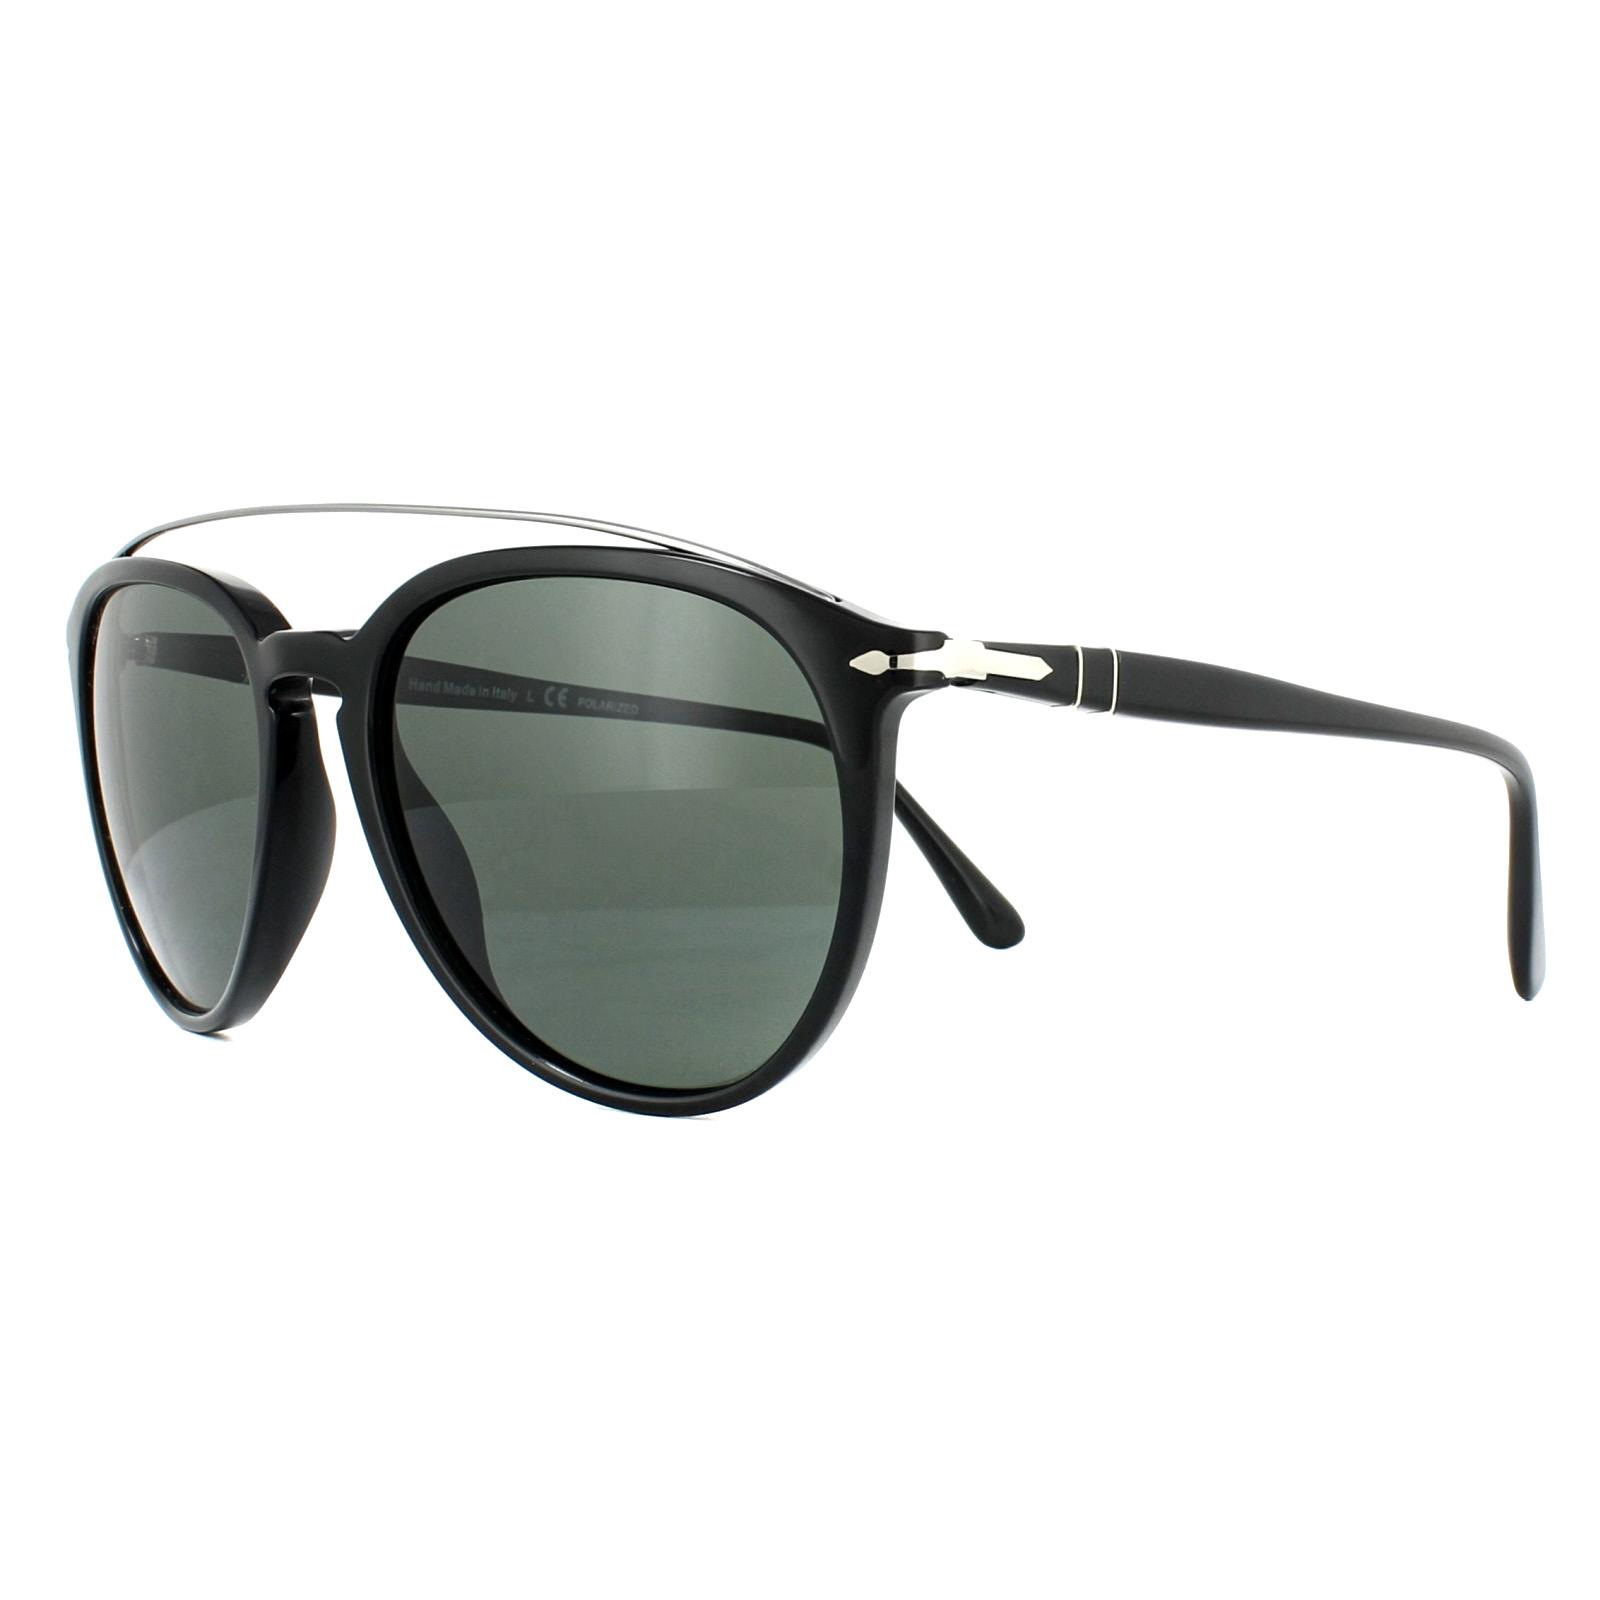 2a99575494 Persol Sunglasses 3159S 901458 Black Green Polarized 8053672665697 ...